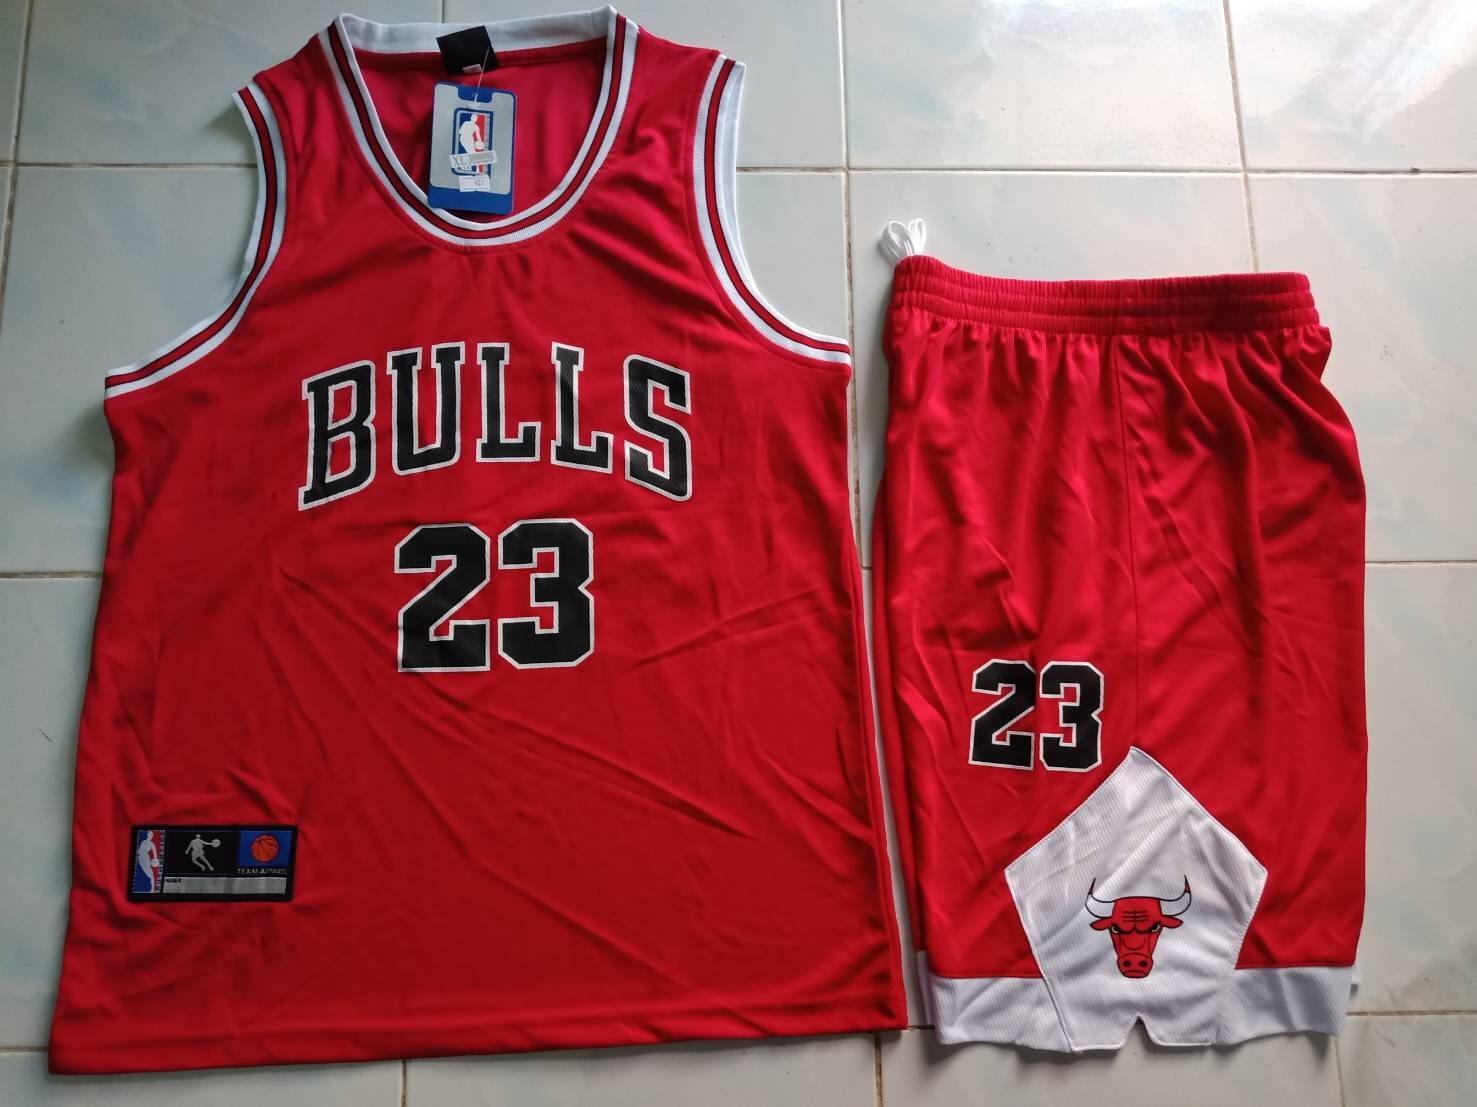 ชุดบาส Bulls เบอร์ 23 สีแดง